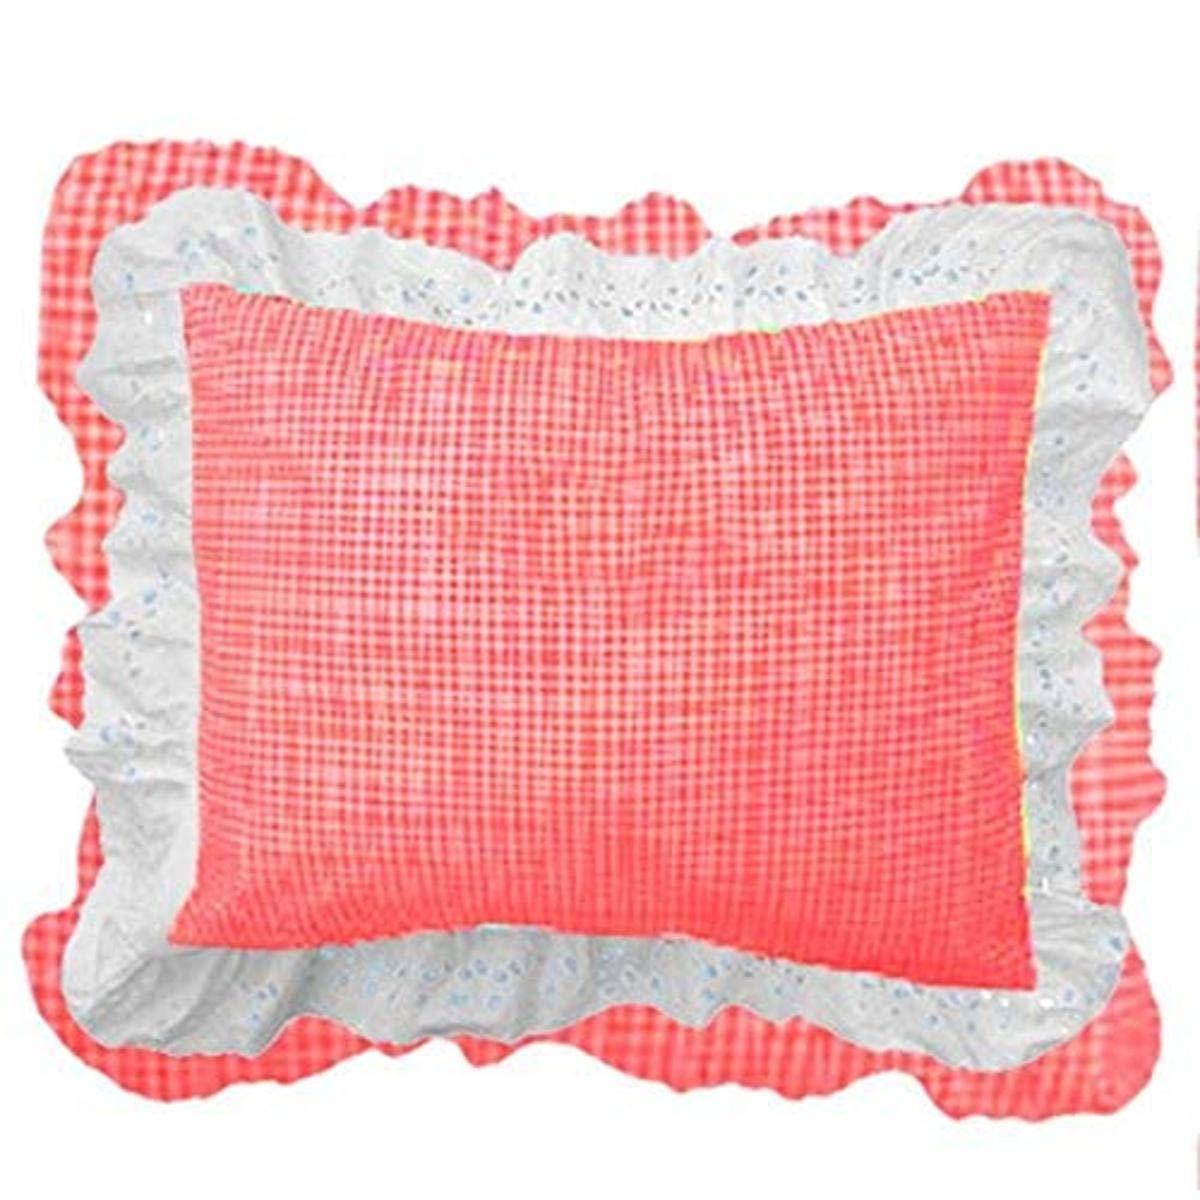 bkb Gingham Patchwork Pillow Sham, Red Gingham/White